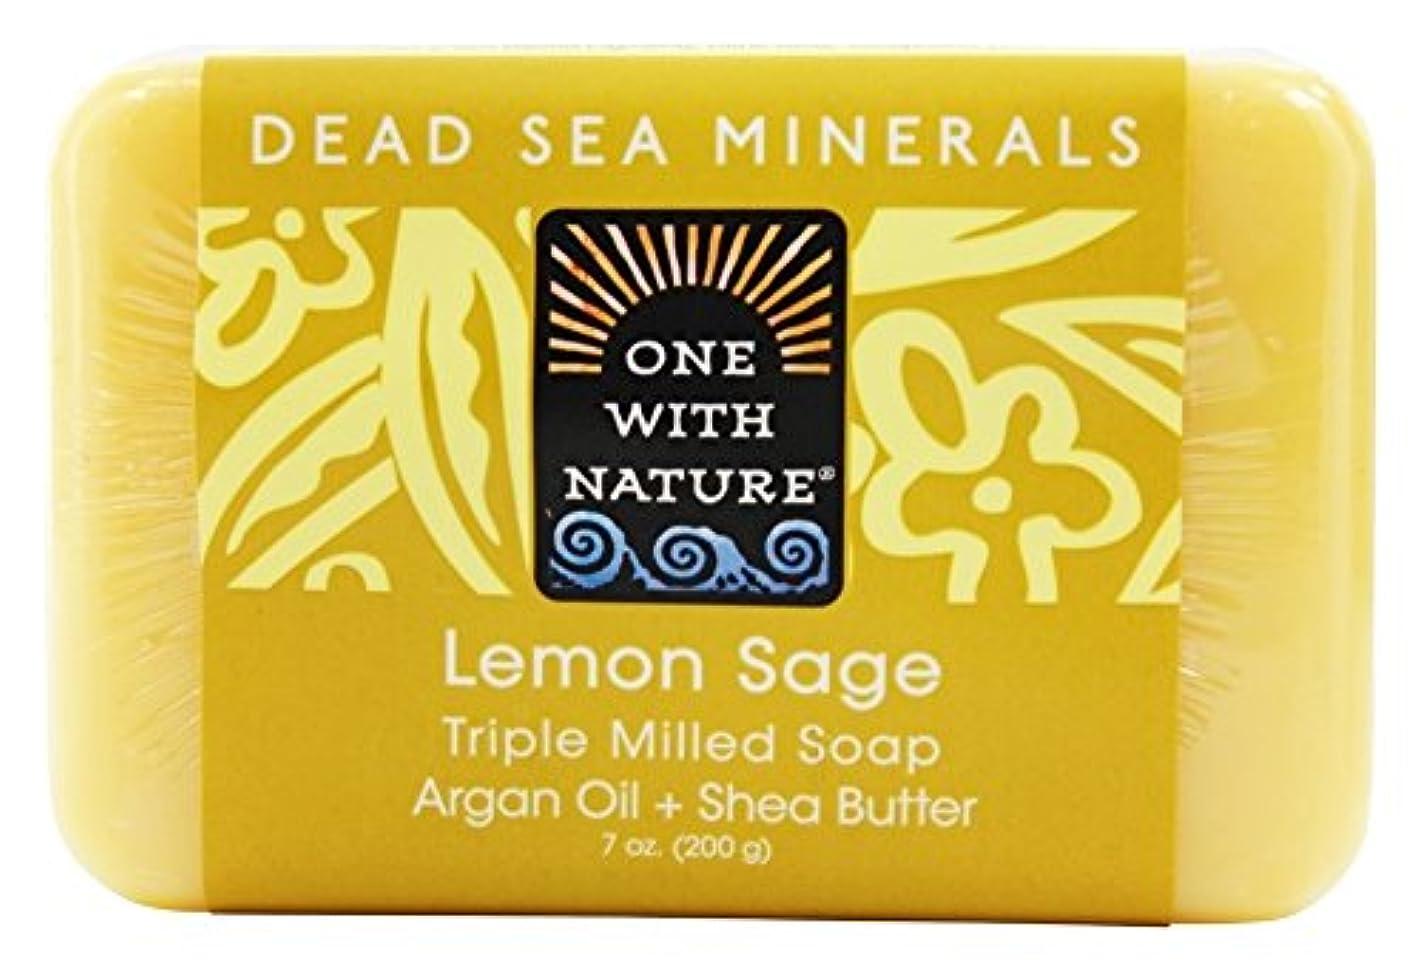 フォアタイプ炎上別れるOne With Nature - 死んだ海ミネラル バー石鹸穏やかな角質除去レモン セージ - 7ポンド [並行輸入品]